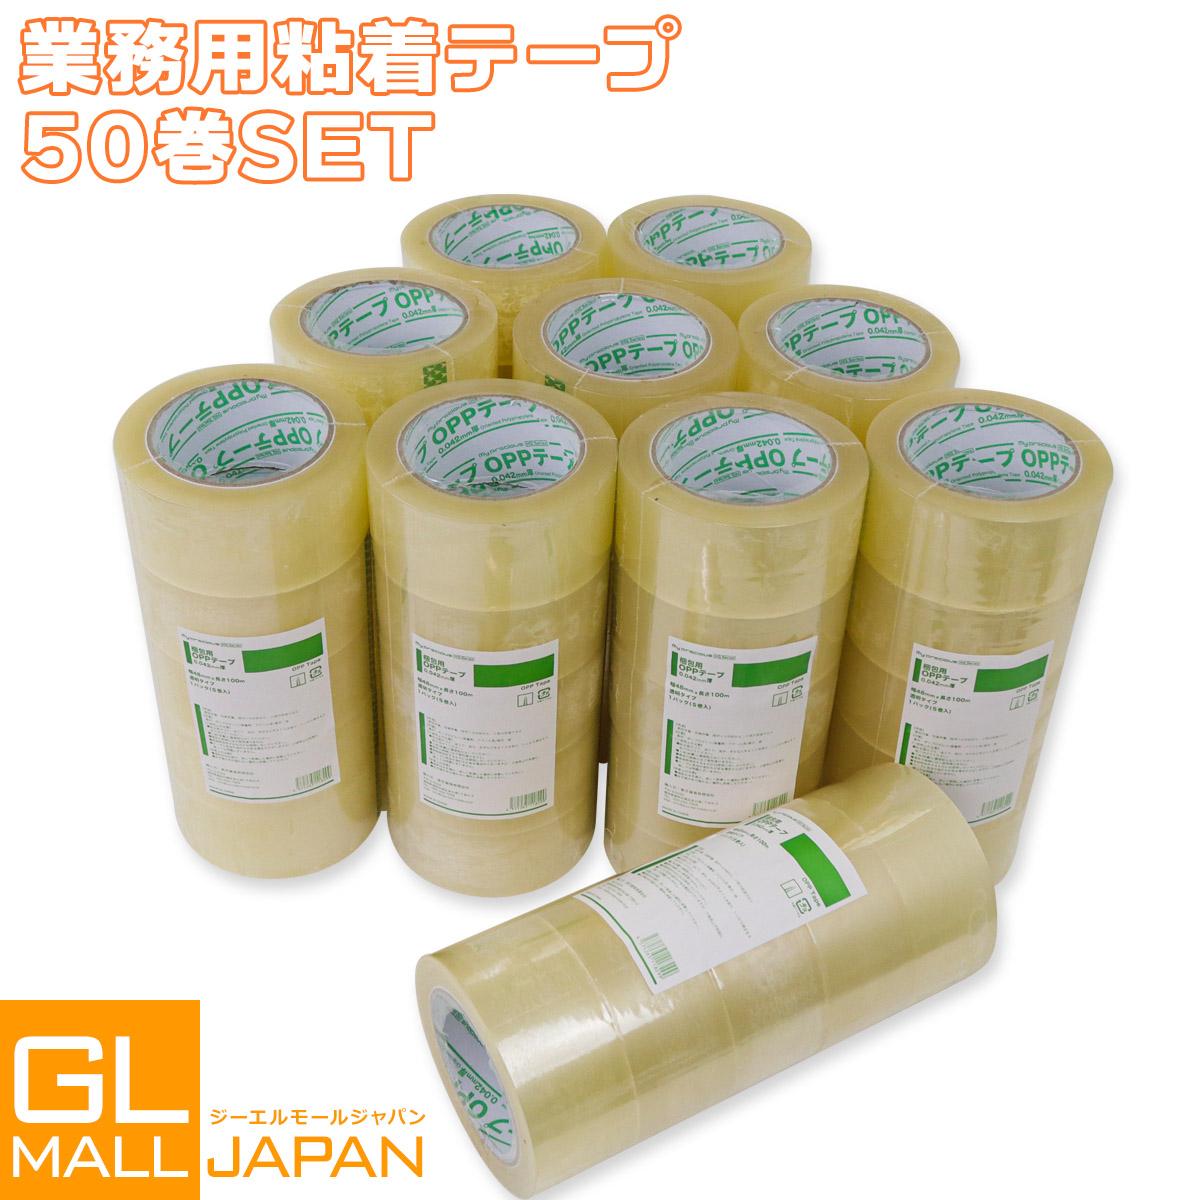 梱包用OPPテープ 48mmx100m 48巻SET / ビニールテープ 梱包 強力 引っ越し